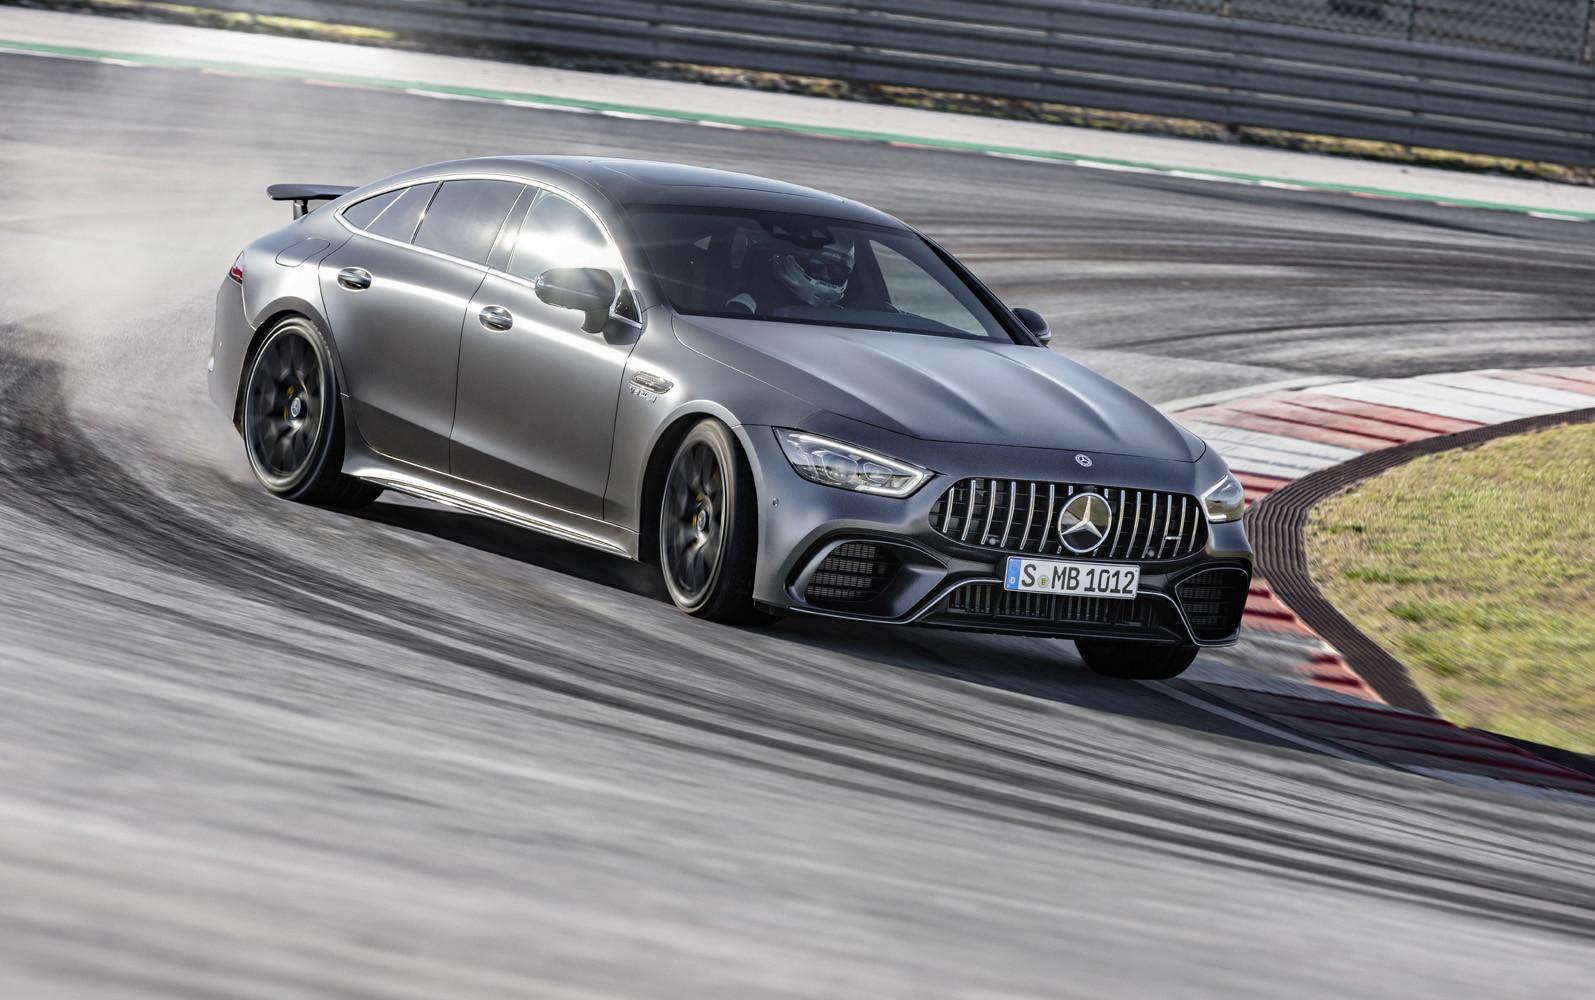 Foto de Mercedes-AMG GT (4 puertas) (38/40)